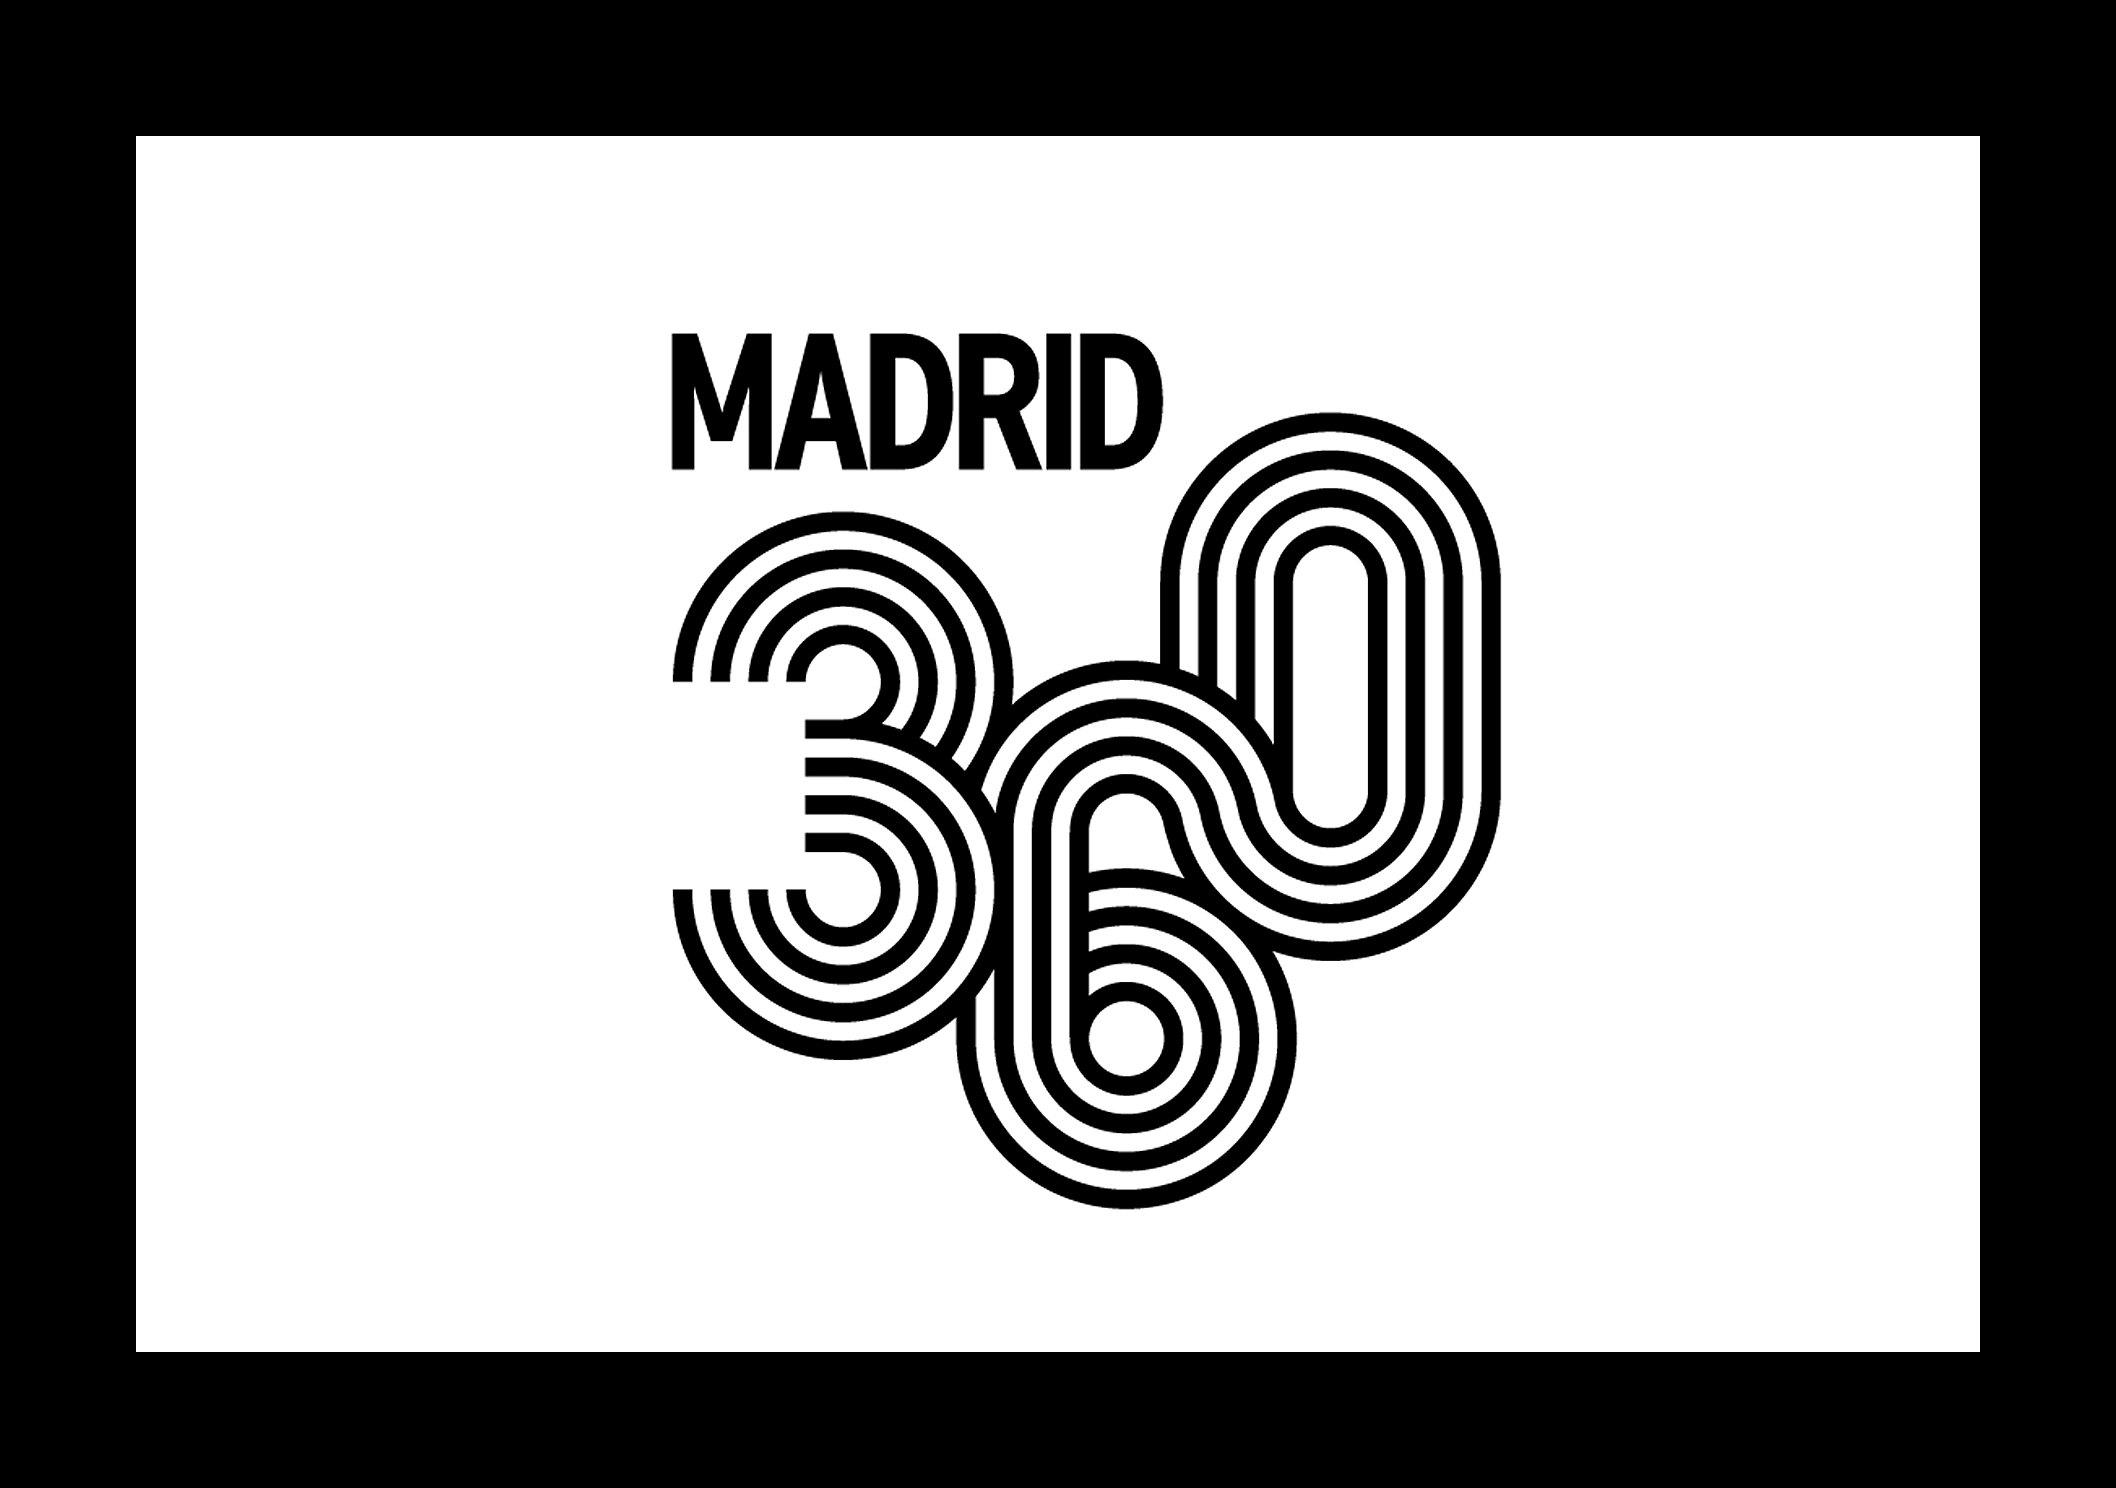 Madrid 360 Vs Madrid Central Restricciones Al Trafico De